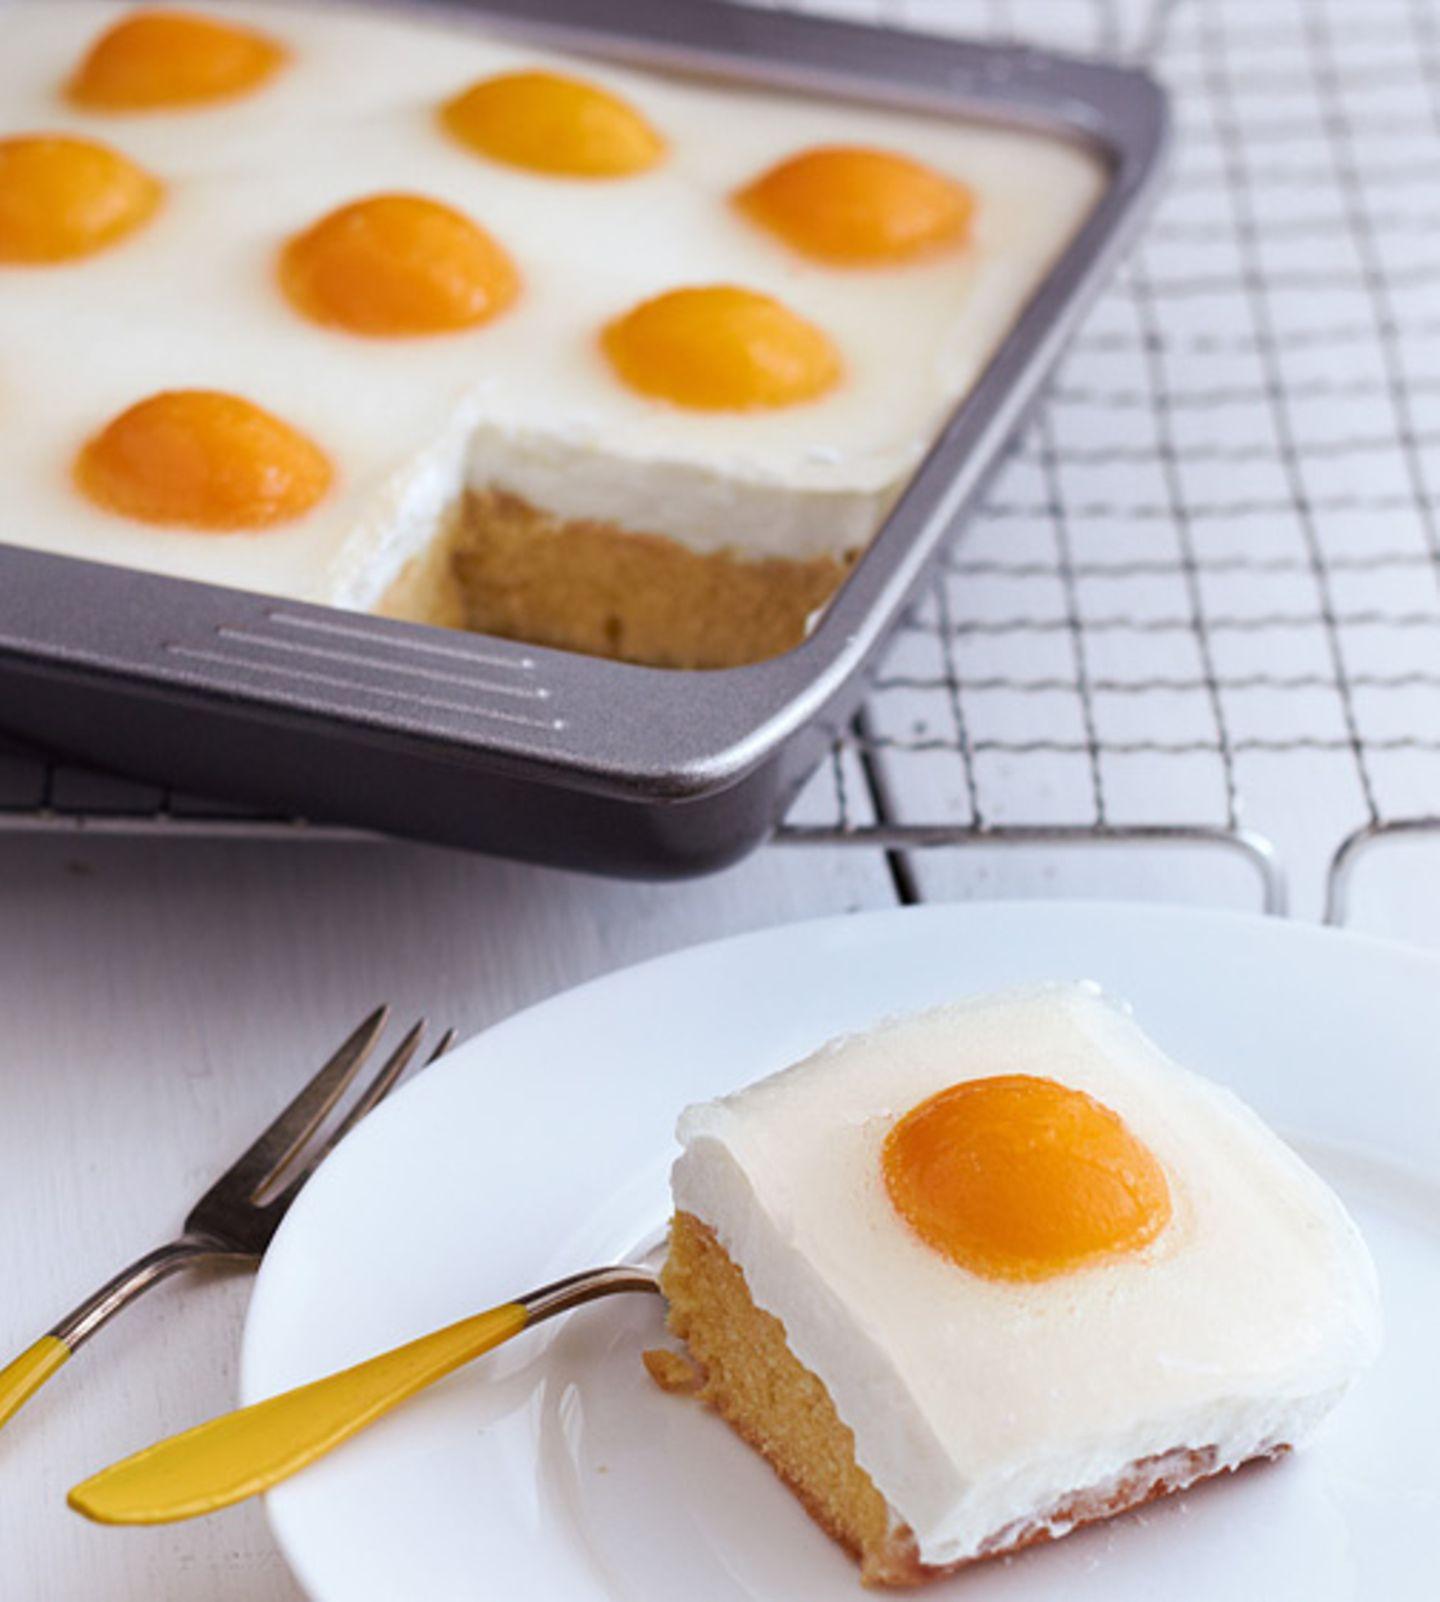 Rezept: Nein - das ist kein Kuchen aus Spiegeleiern. Dieser Eierkuchen entsteht aus Quark und Aprikosen